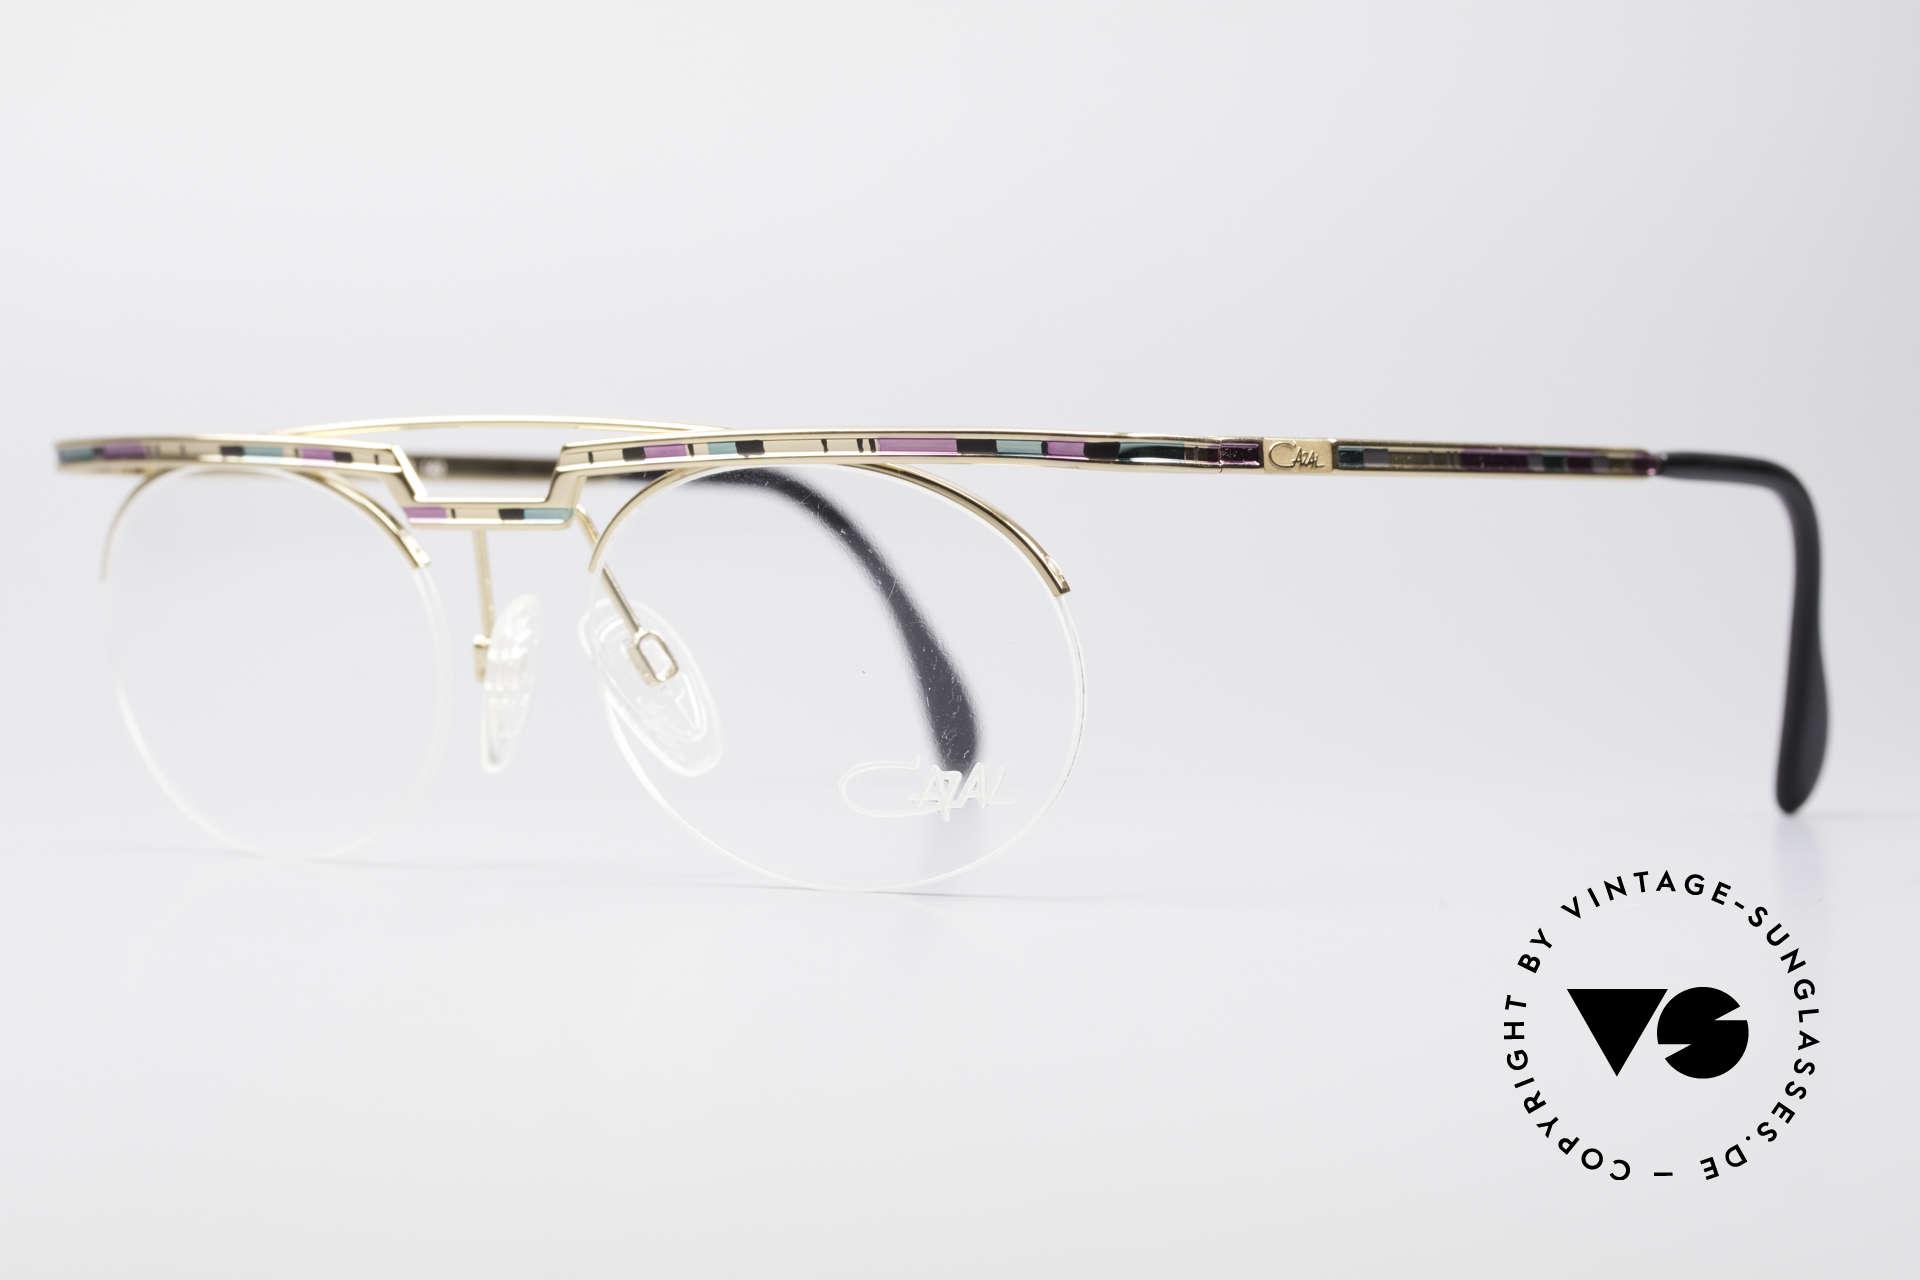 Cazal 758 Original Brille No Retrobrille, aufwändige Lackierung (typisch für die alten Cazals), Passend für Herren und Damen